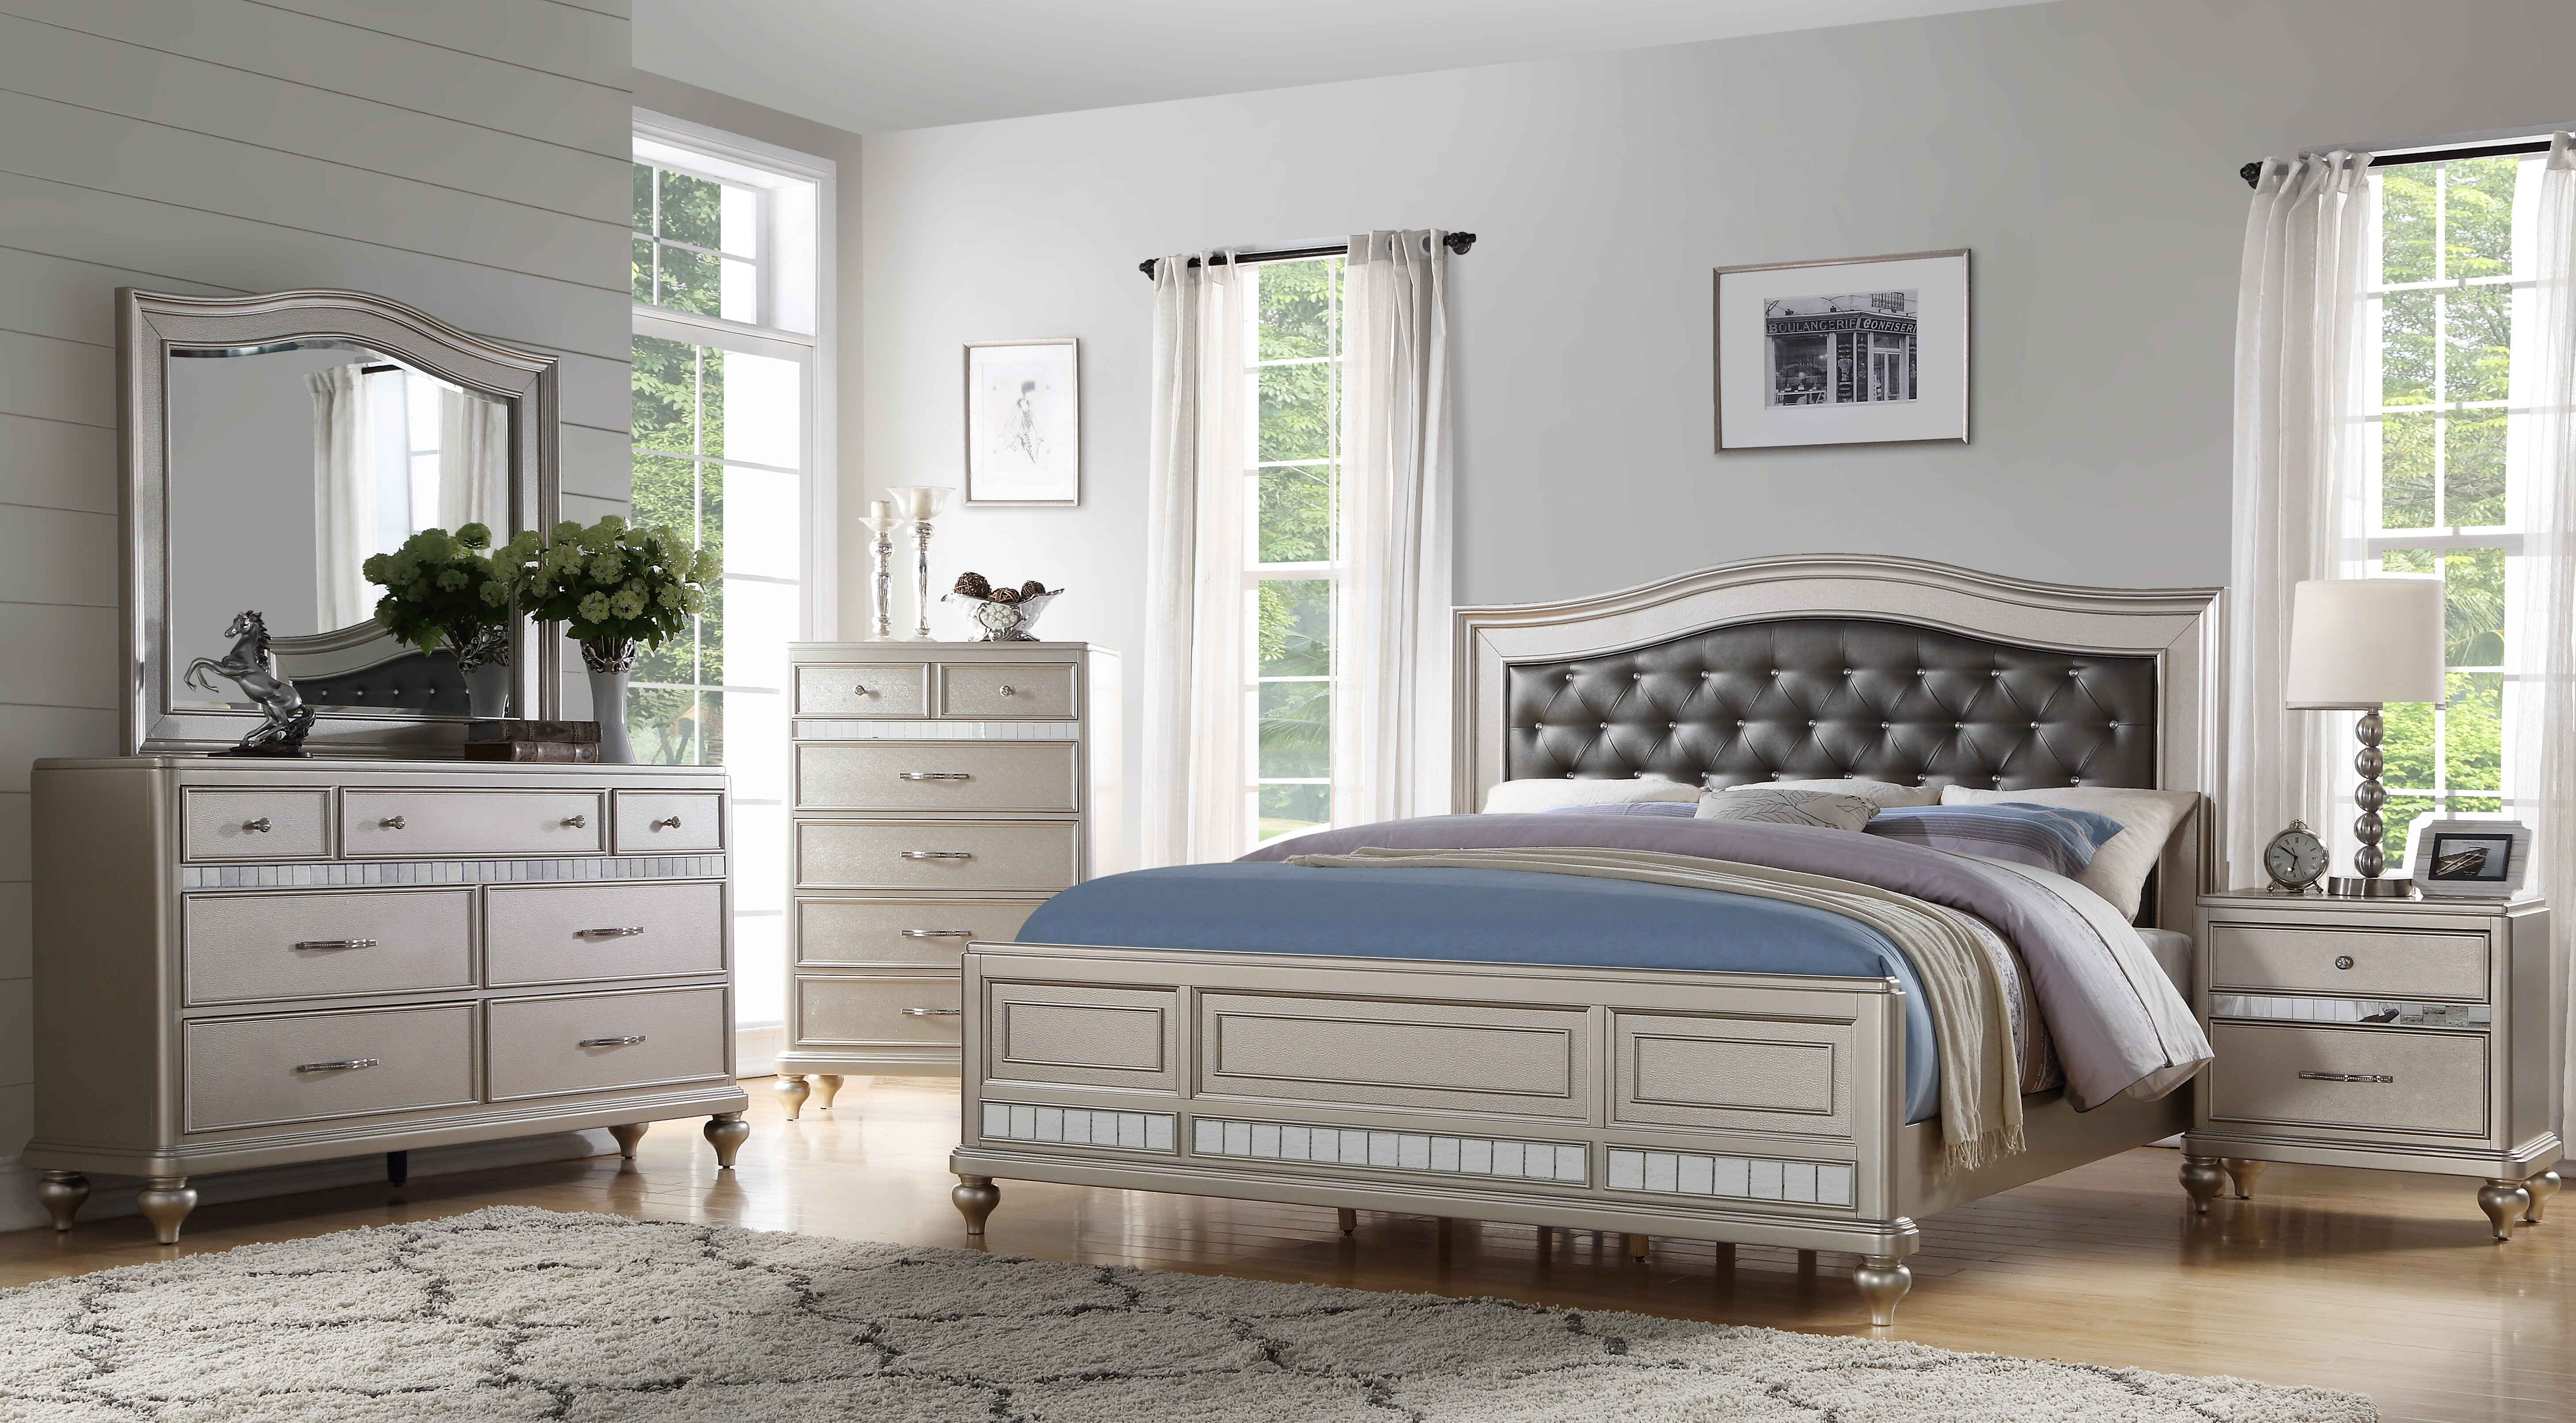 3 Pice Bedroom Set Best Of Unique King Futon San Jose Reviews Pics — Beautiful